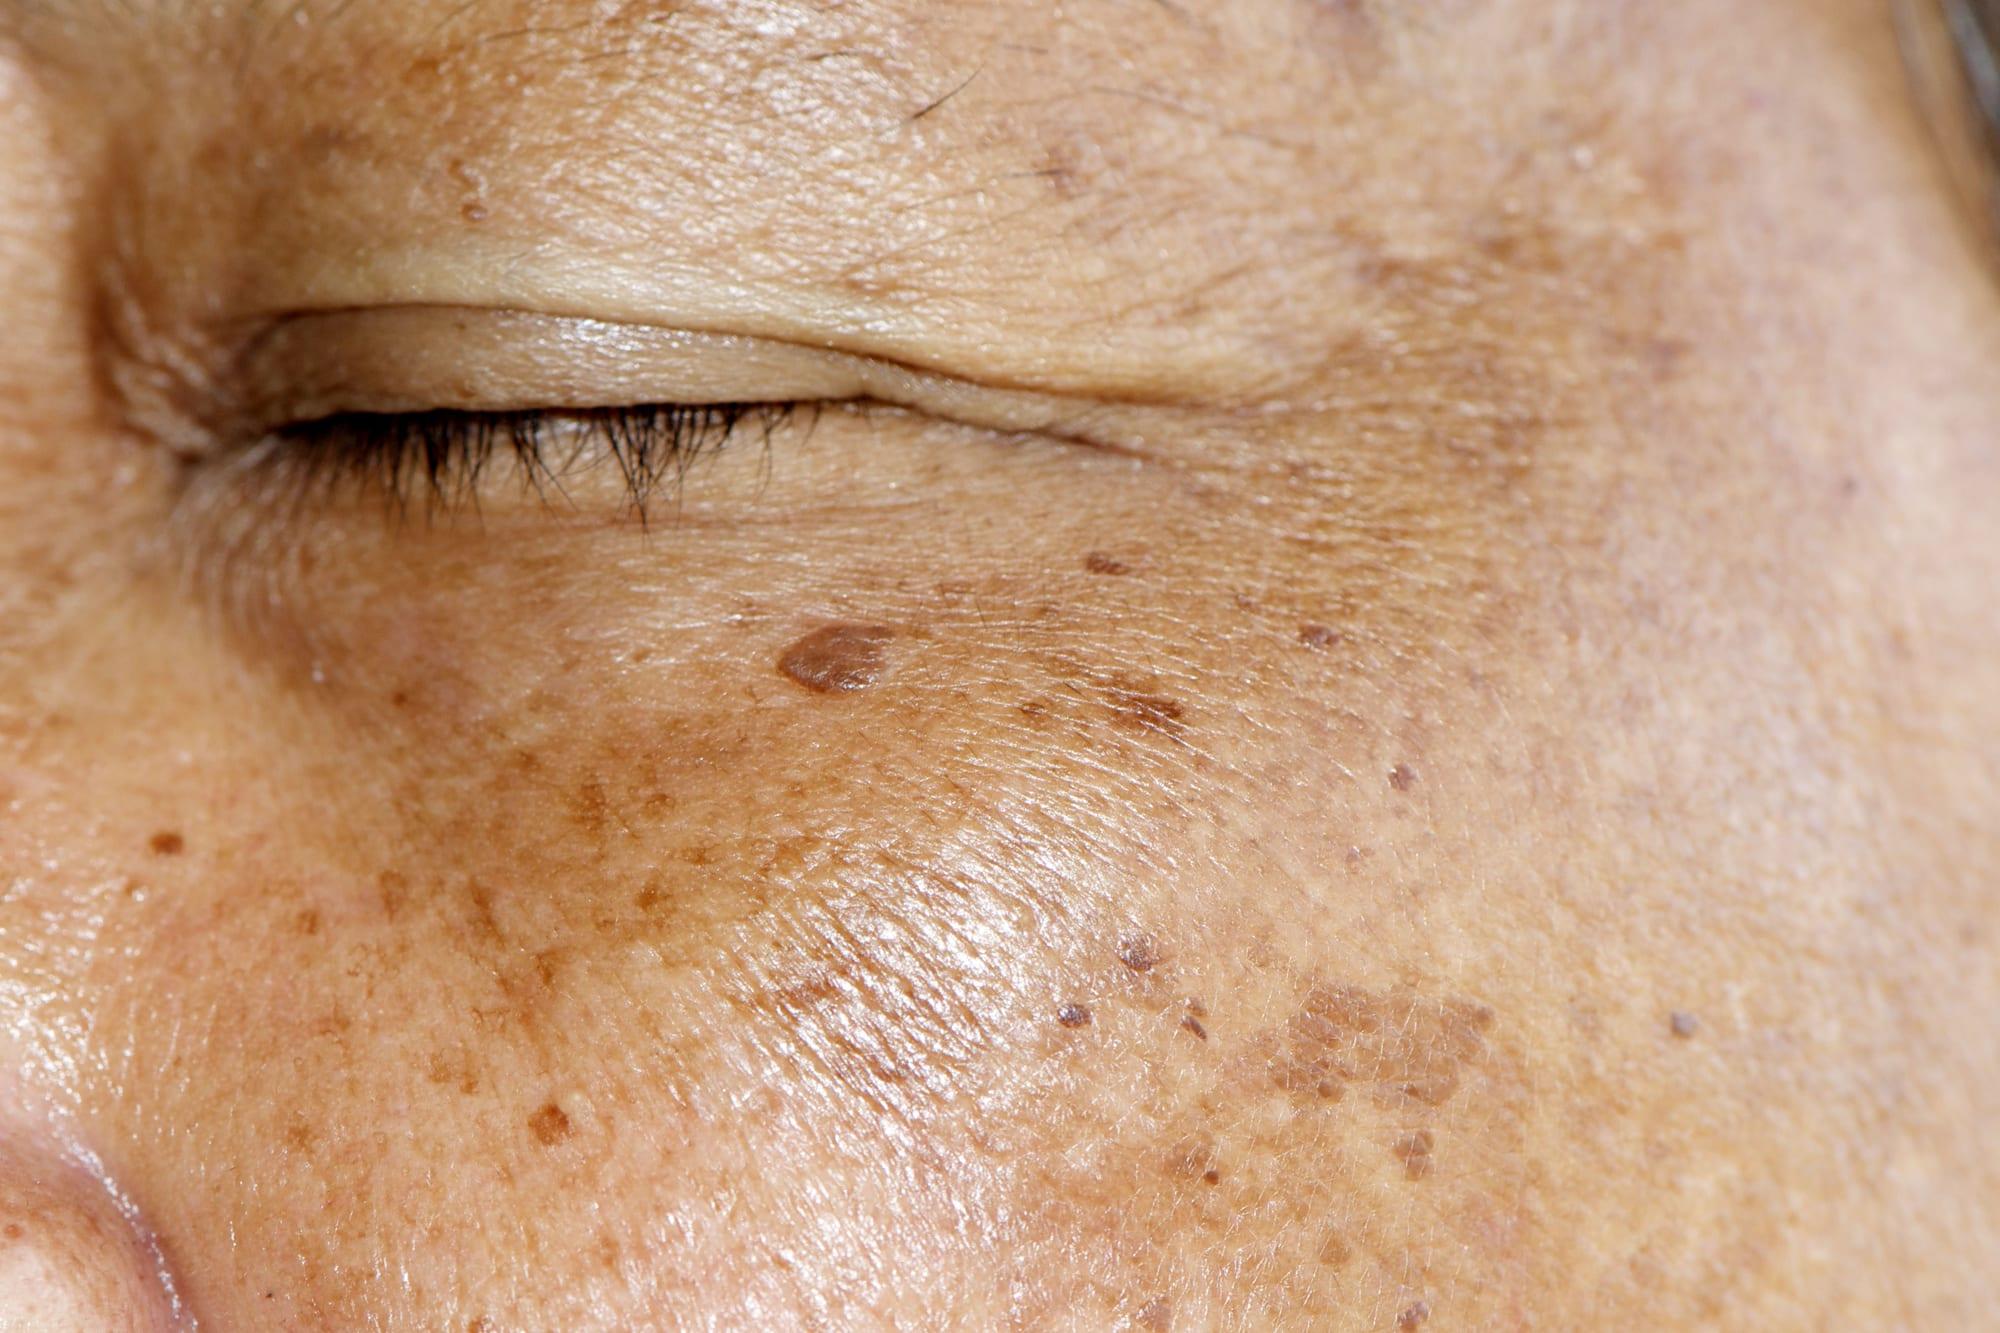 Facial Pigmentation spots